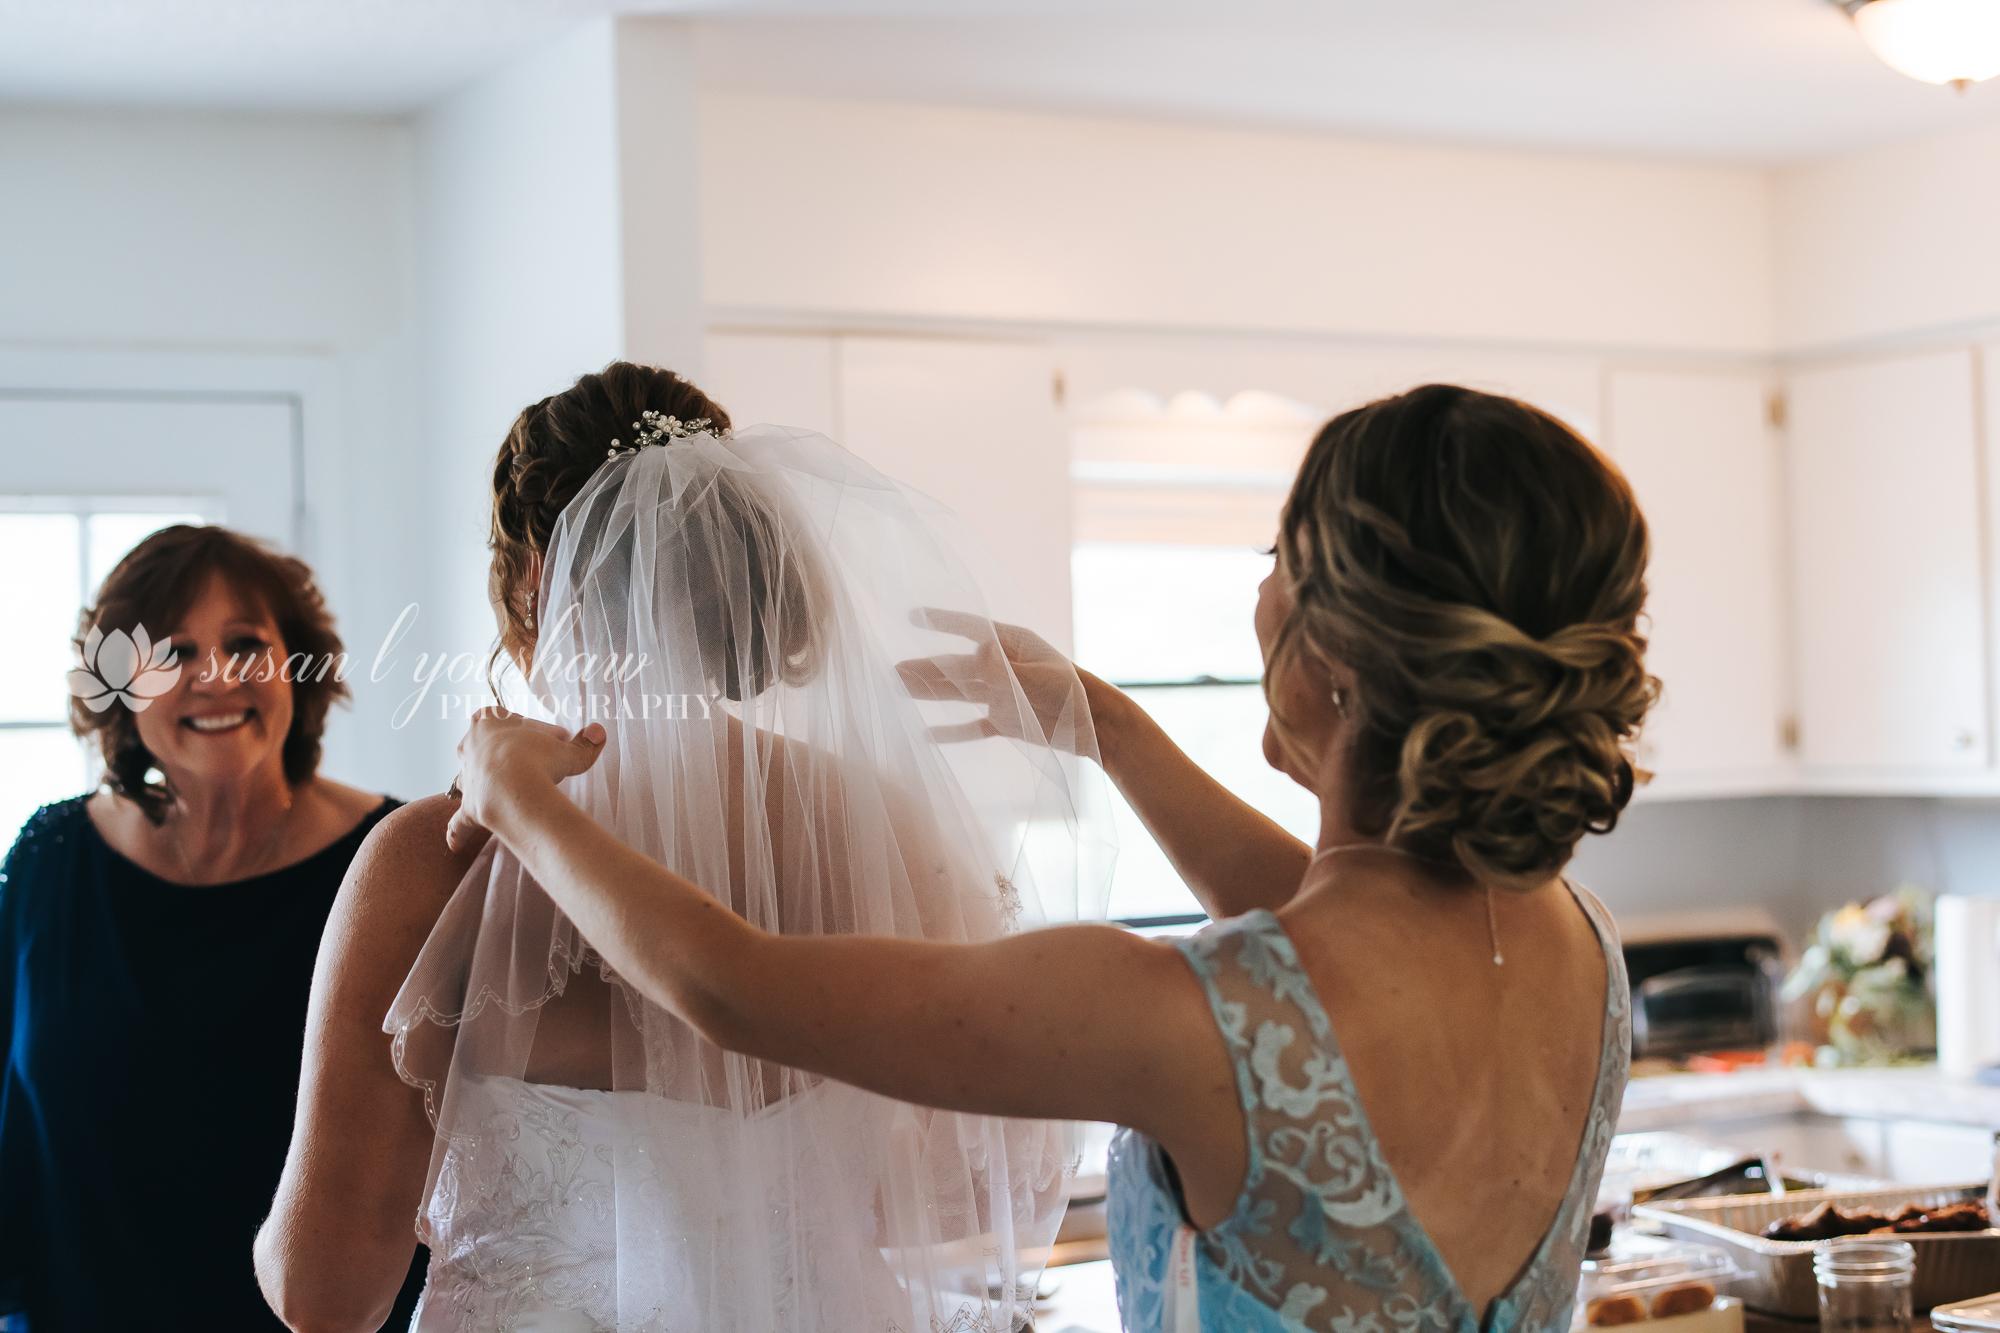 Erin and Jason Wedding Photos 07-06-2019 SLY Photography-41.jpg